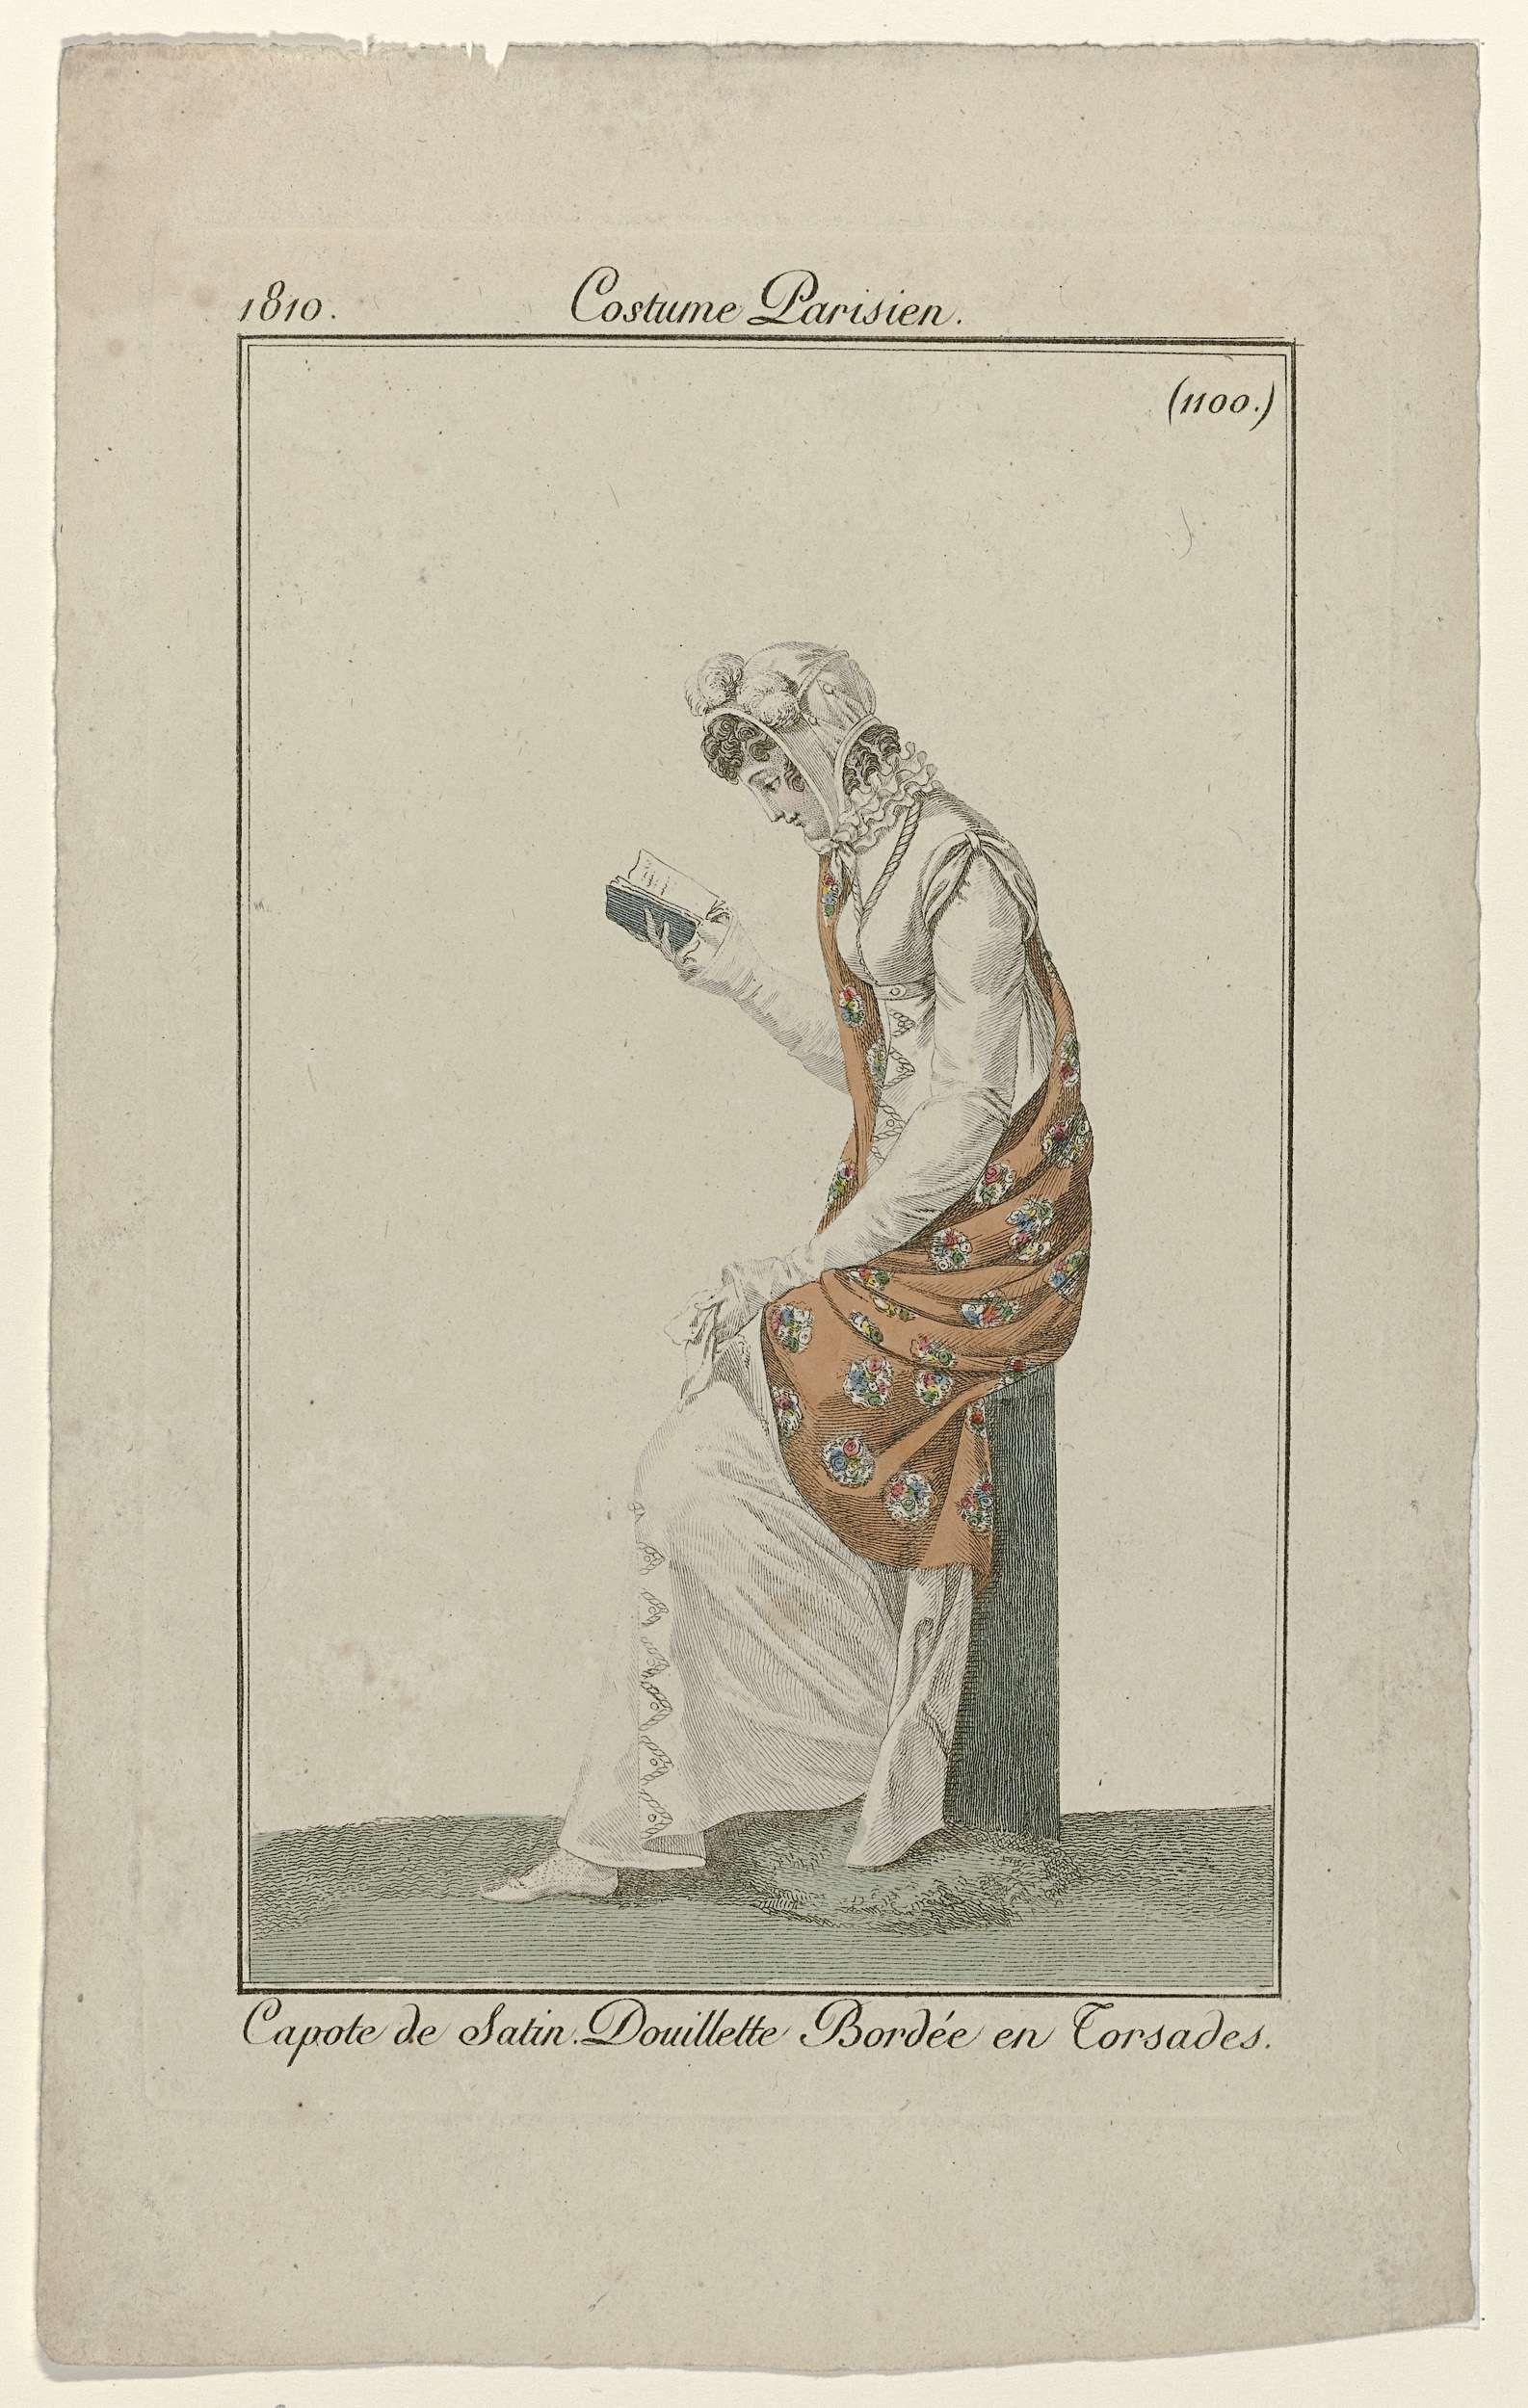 Anonymous   Journal des Dames et des Modes, Costume Parisien, 10 novembre 1810, (1100): Capote de Satin..., Anonymous, Pierre de la Mésangère, 1810   Lezende vrouw, zittend op een pilaar. Zij draagt een 'douillette' afgezet met 'torsades'. Op het hoofd een capote van satijn. Verdere accessoires: sjaal, zakdoek, platte schoen met puntige neus. De prent maakt deel uit van het modetijdschrift Journal des Dames et des Modes, uitgegeven door Pierre de la Mésangère, Parijs, 1797-1839.